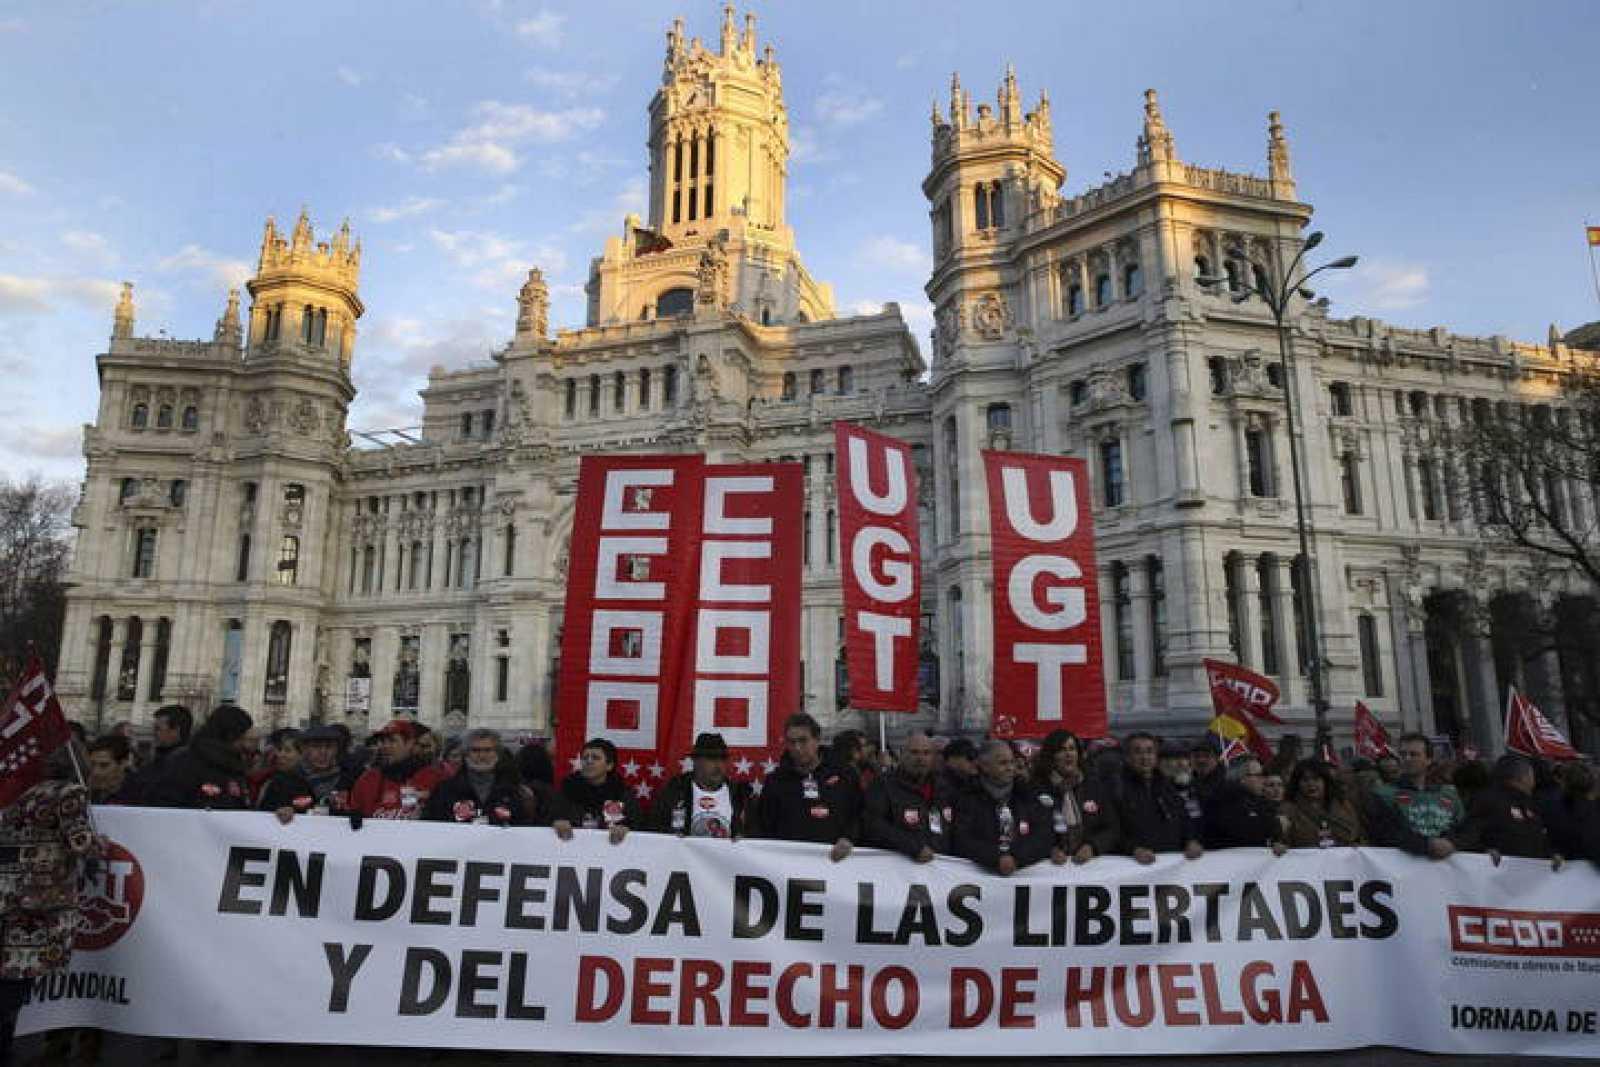 MANIFESTACIÓN EN DEFENSA DE LAS LIBERTADES Y DEL DERECHO DE HUELGA